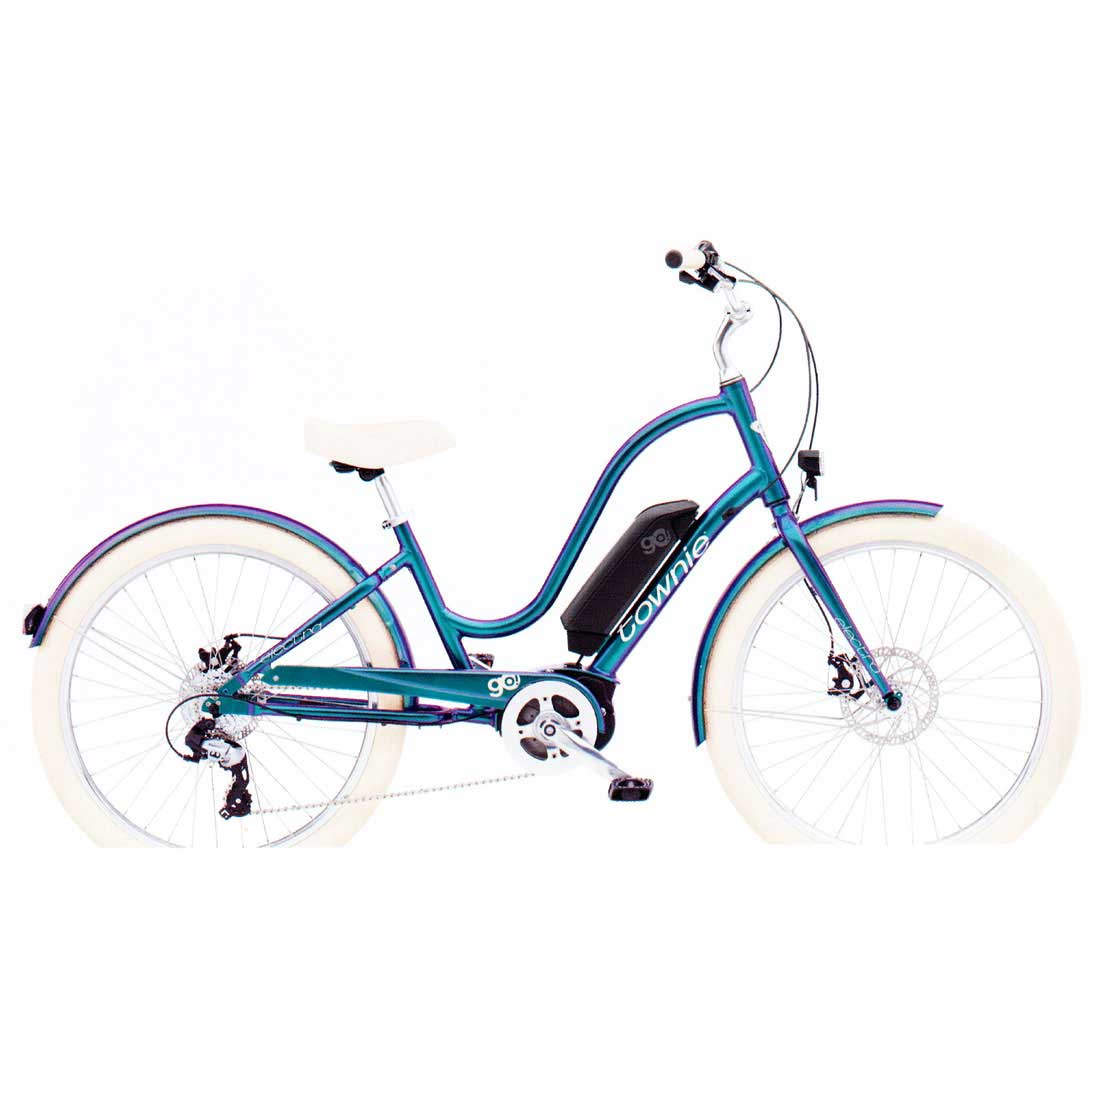 自転車 電動アシスト Eバイク 送料無料 限定 変速付 ビーチクルーザー 26インチ シティサイクル 通勤 通学 店長 おすすめ 電動自転車 エレクトラ TOWNIE-GO-8D メンズ レディース